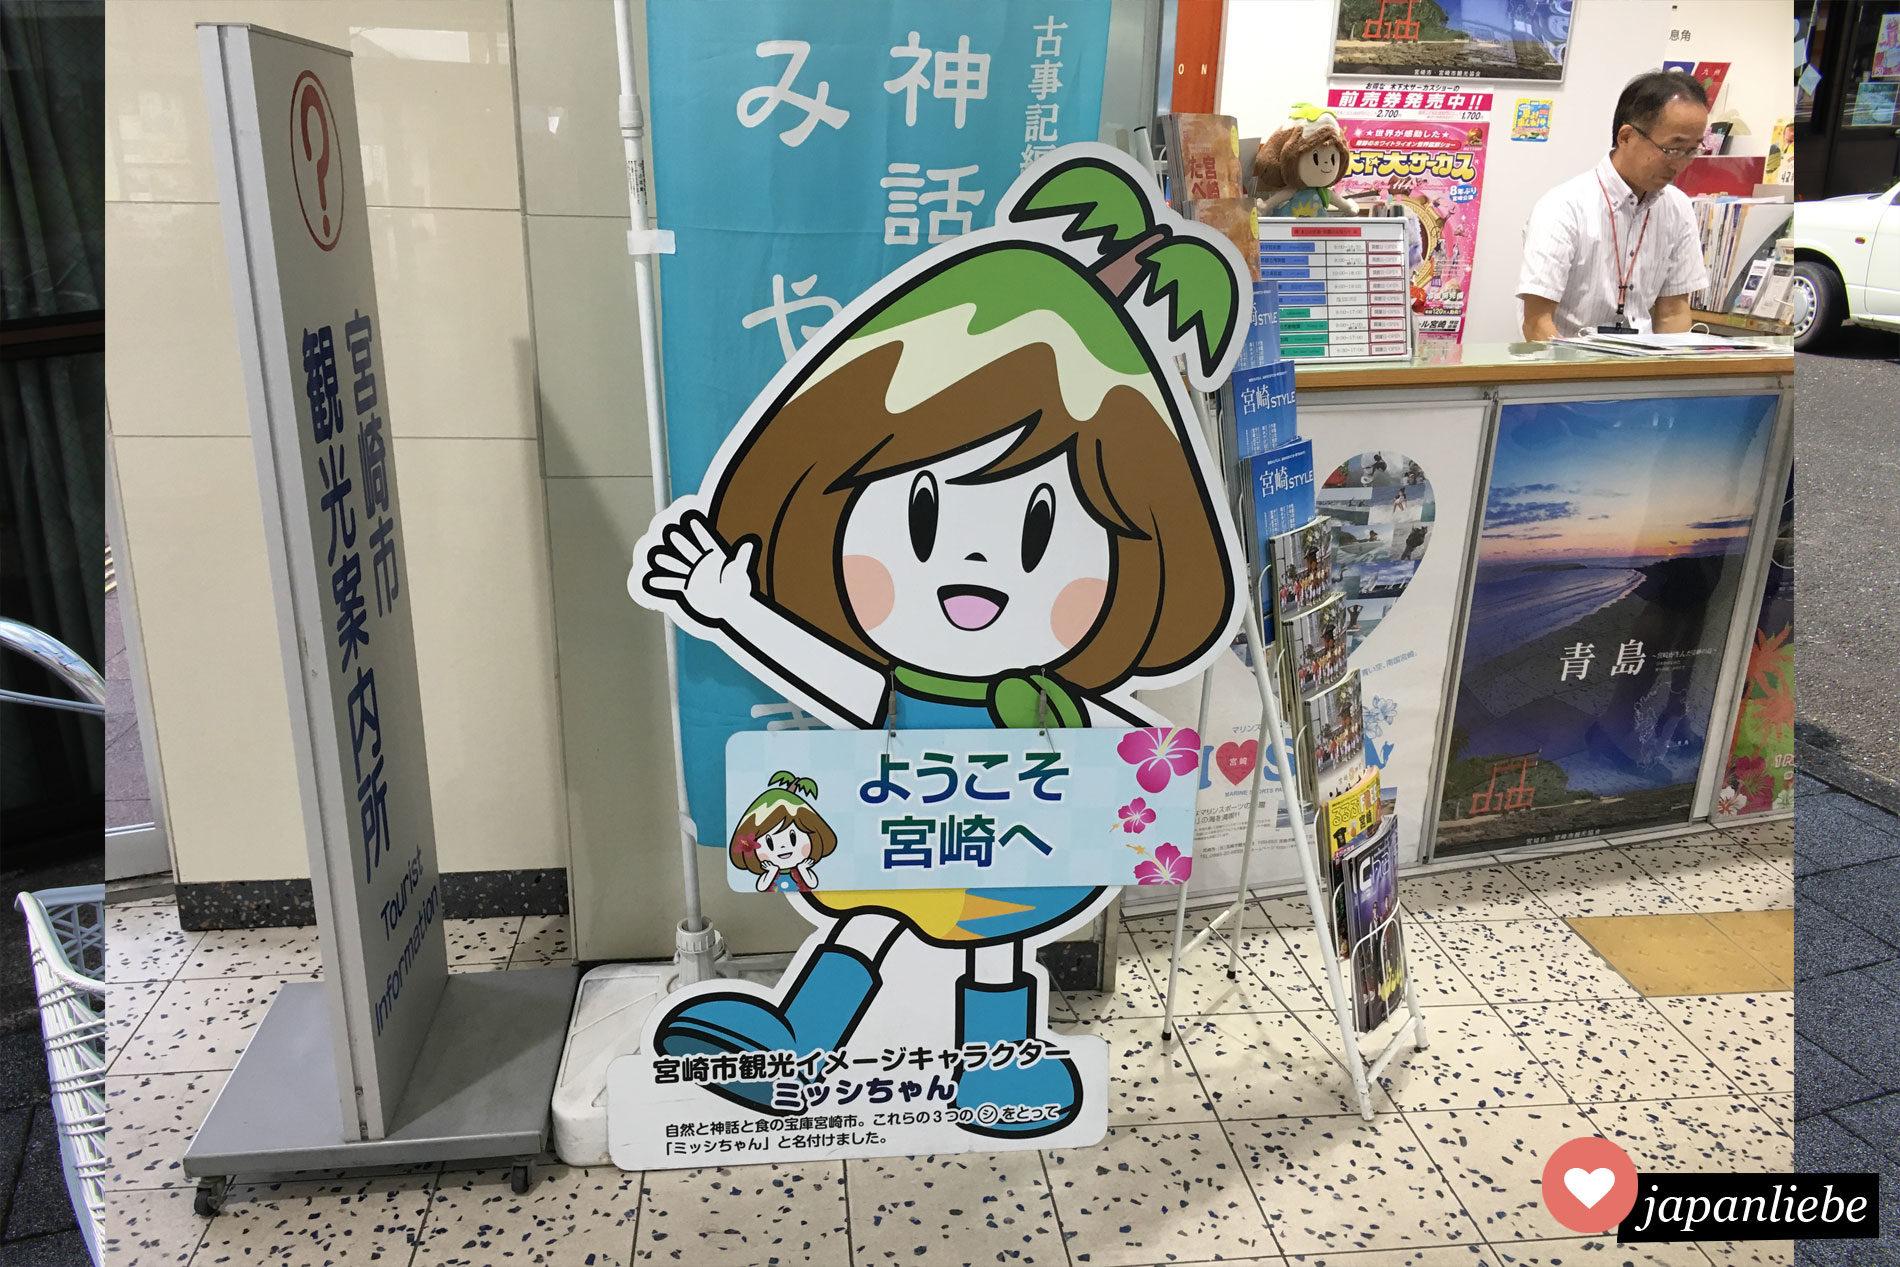 Das Maskottchen der Präfektur Miyazaki, Japan.